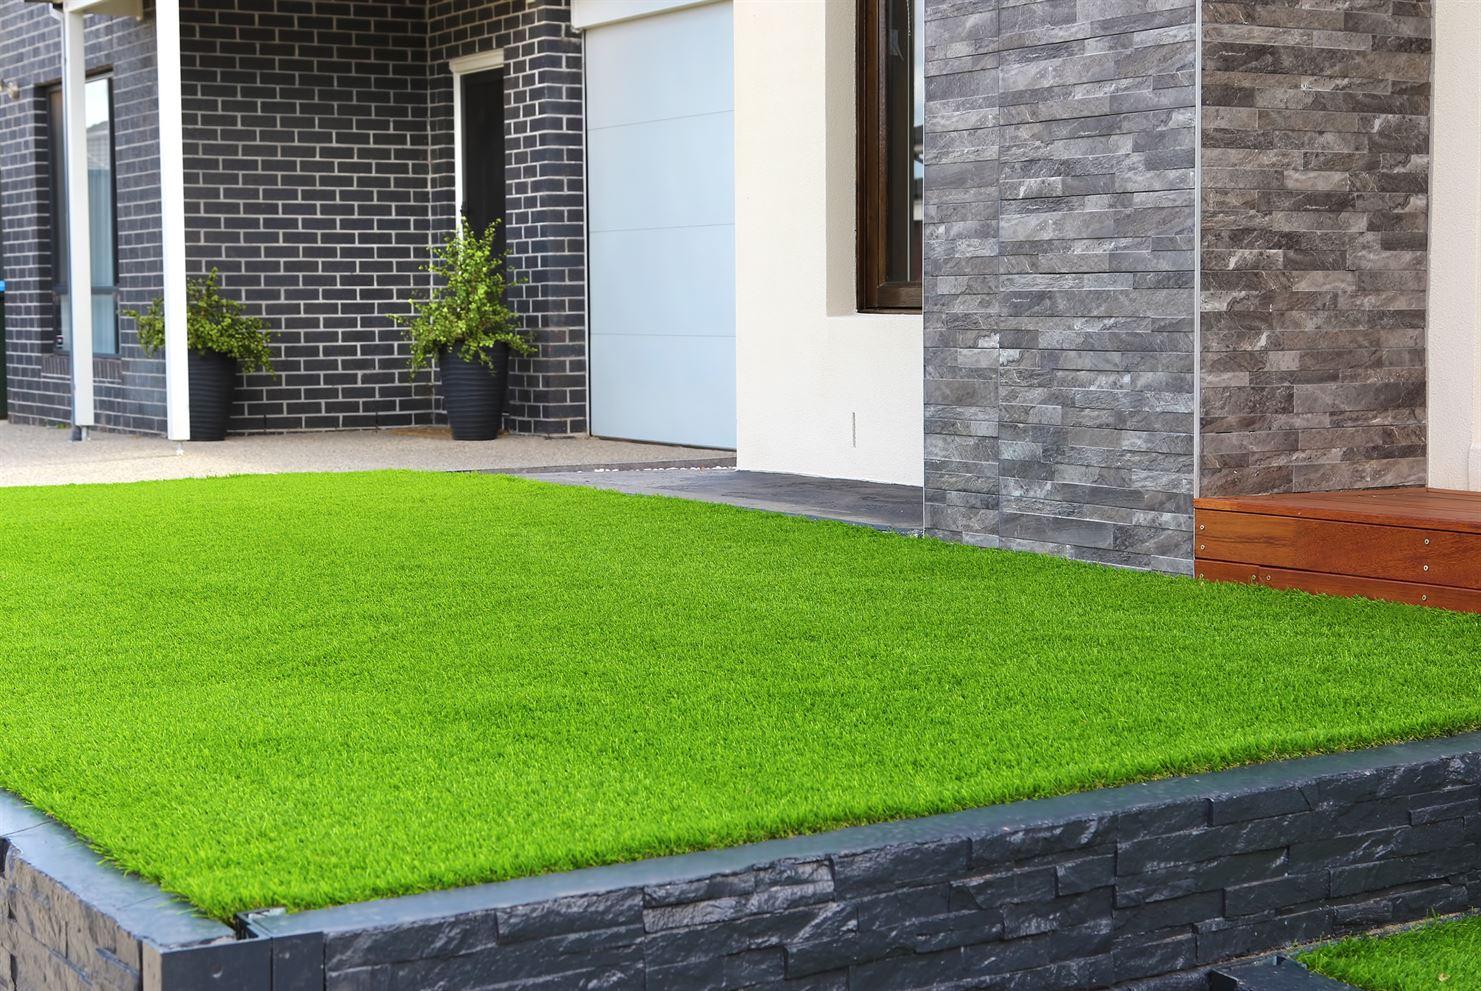 kunstgras aanleggen tuinencrombez